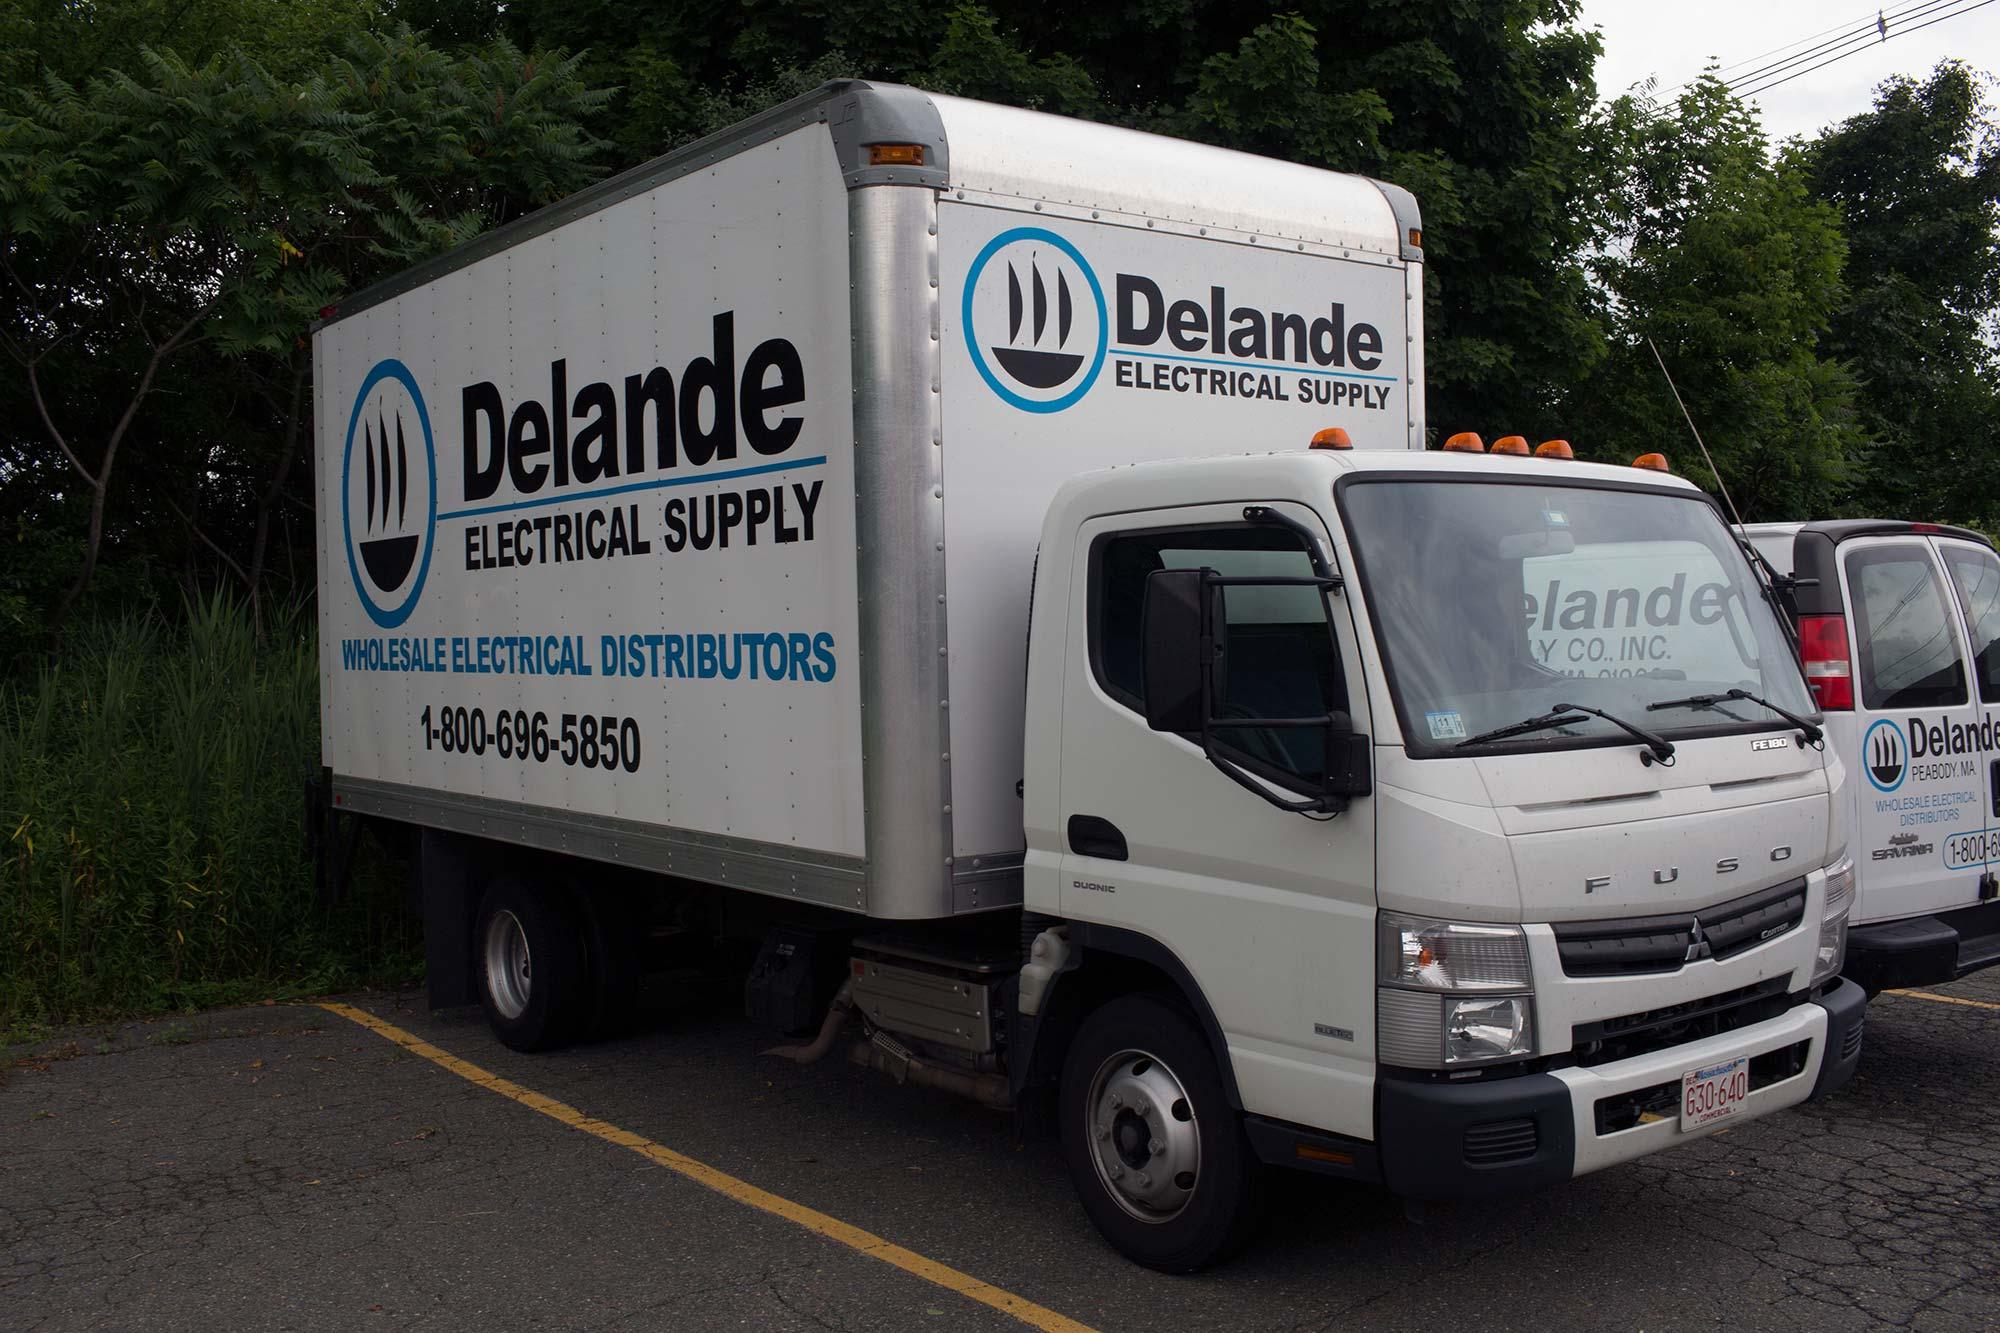 Delivery & Delivery   Delande azcodes.com